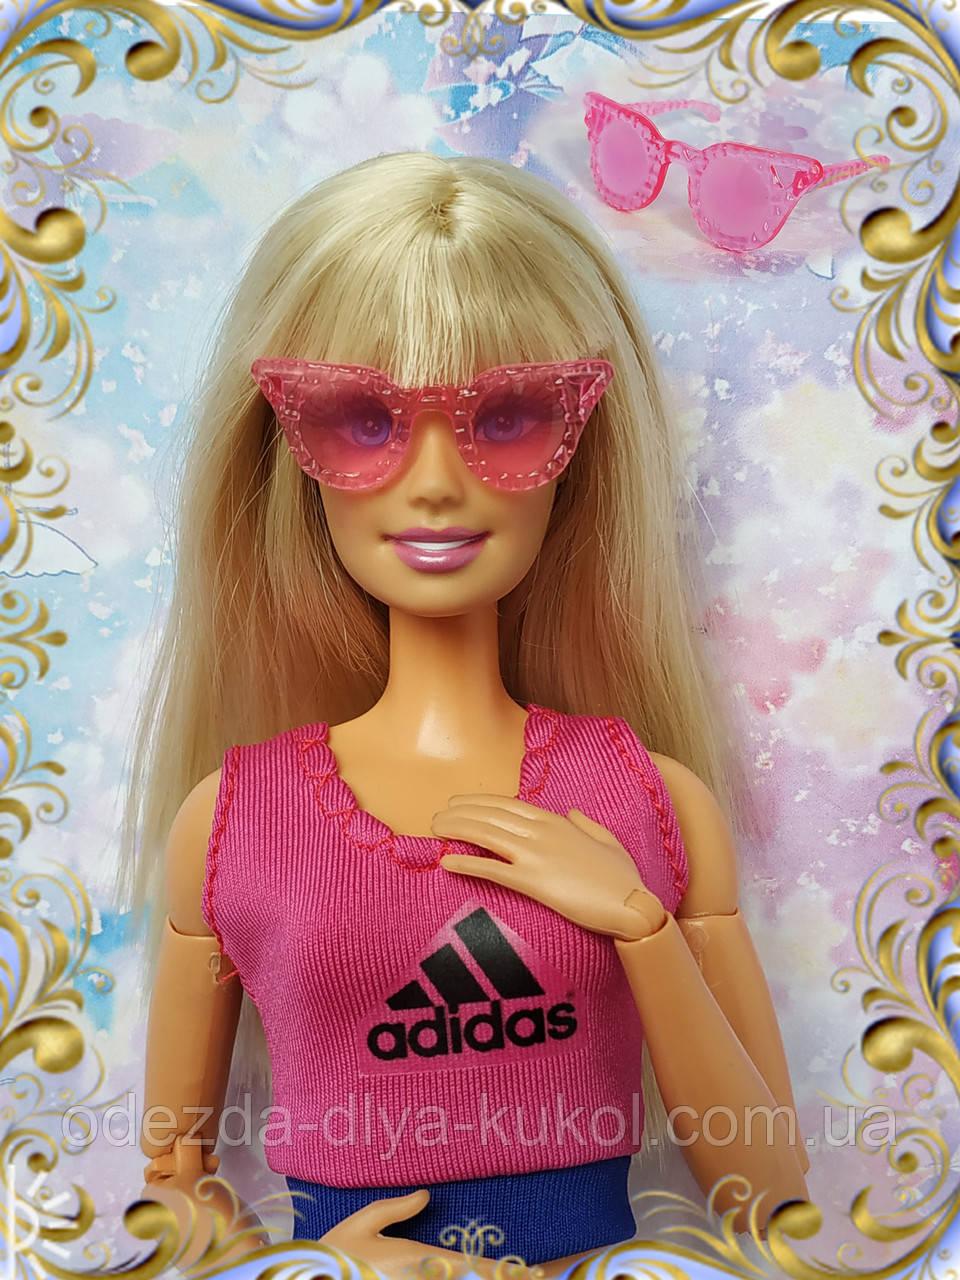 Аксесуари для ляльок - окуляри для Барбі